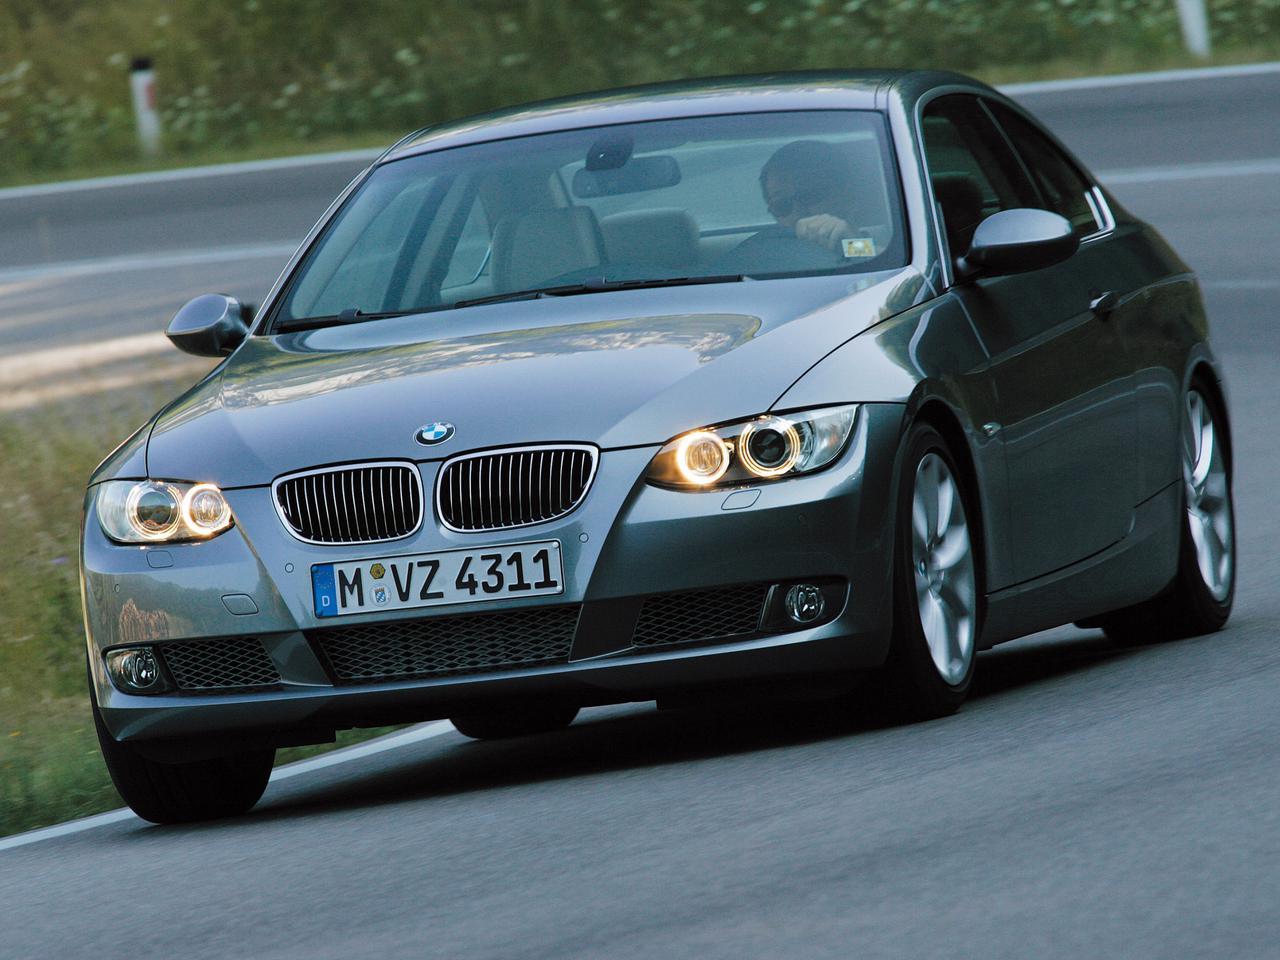 【ヒットの法則224】BMW 335iクーペには「これでもか」というほど新しいものが詰まっていた